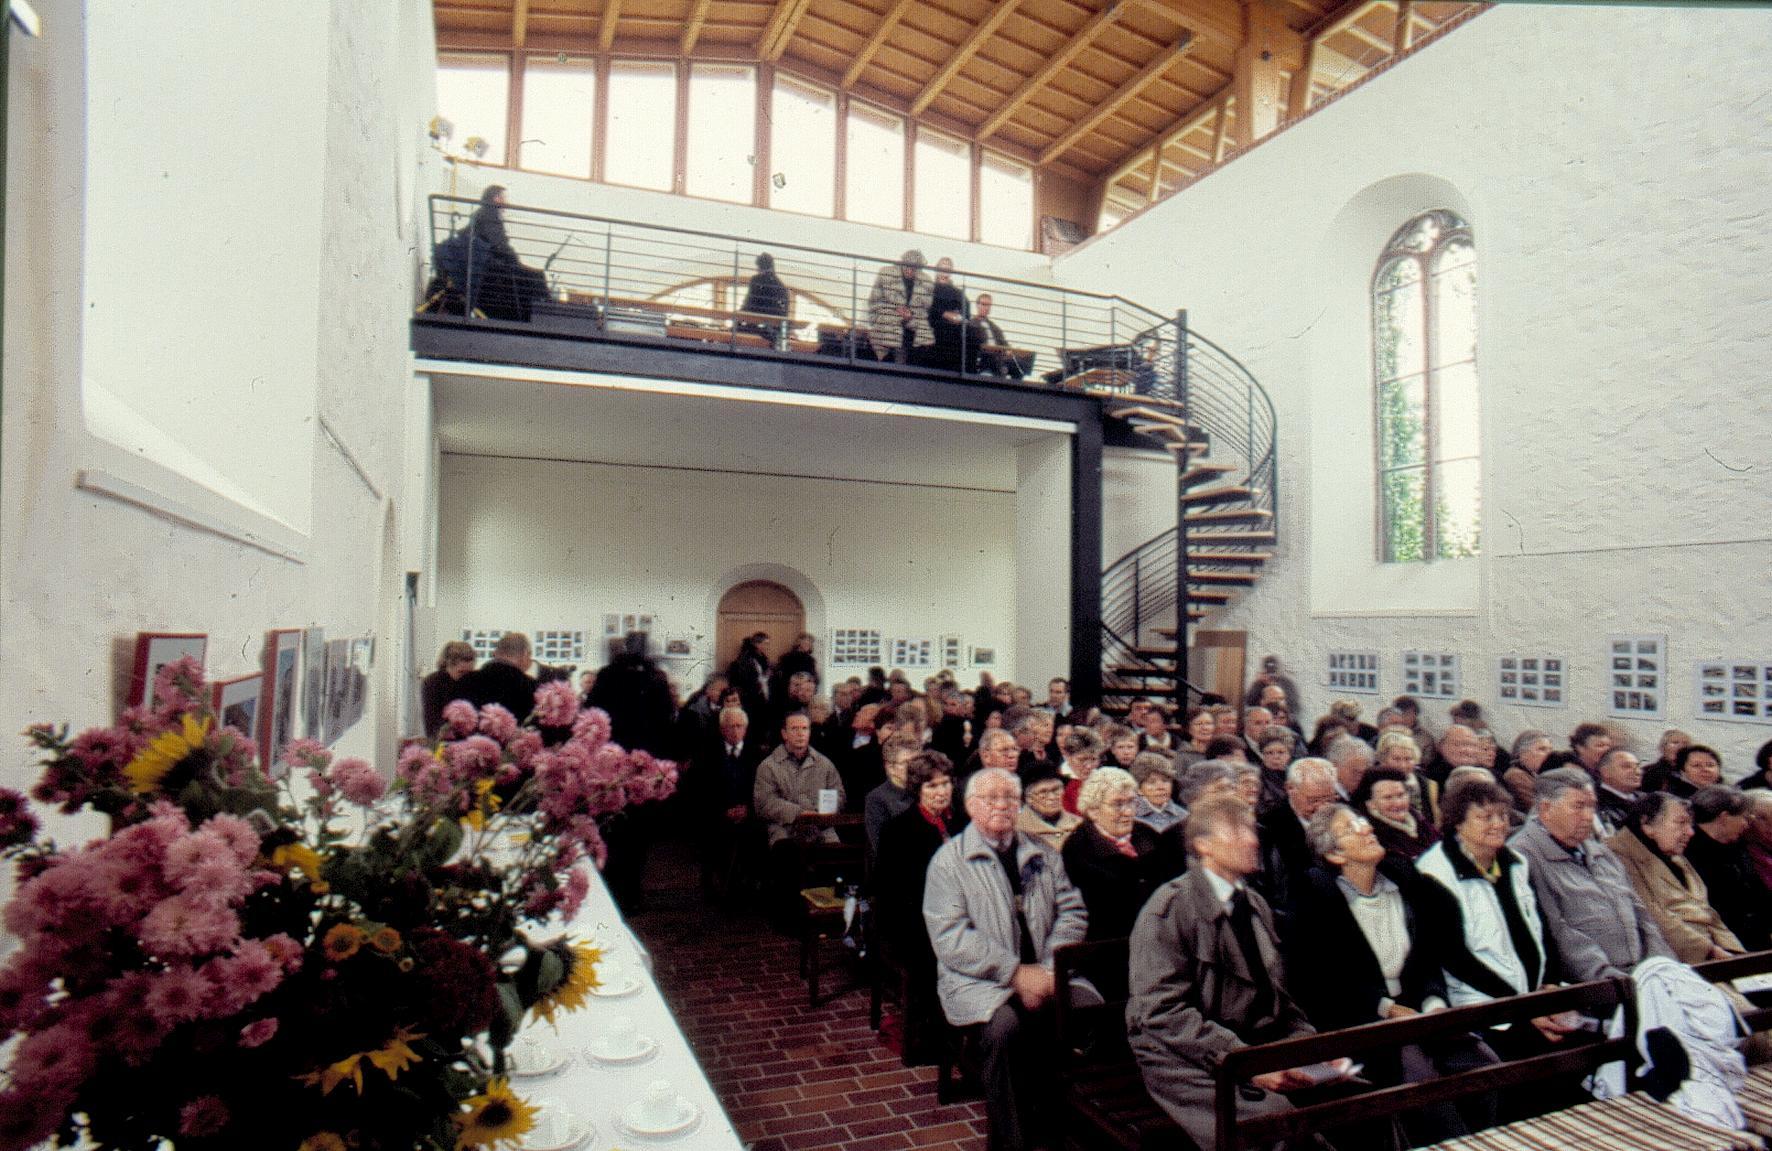 Dorfkirche Niederjesar